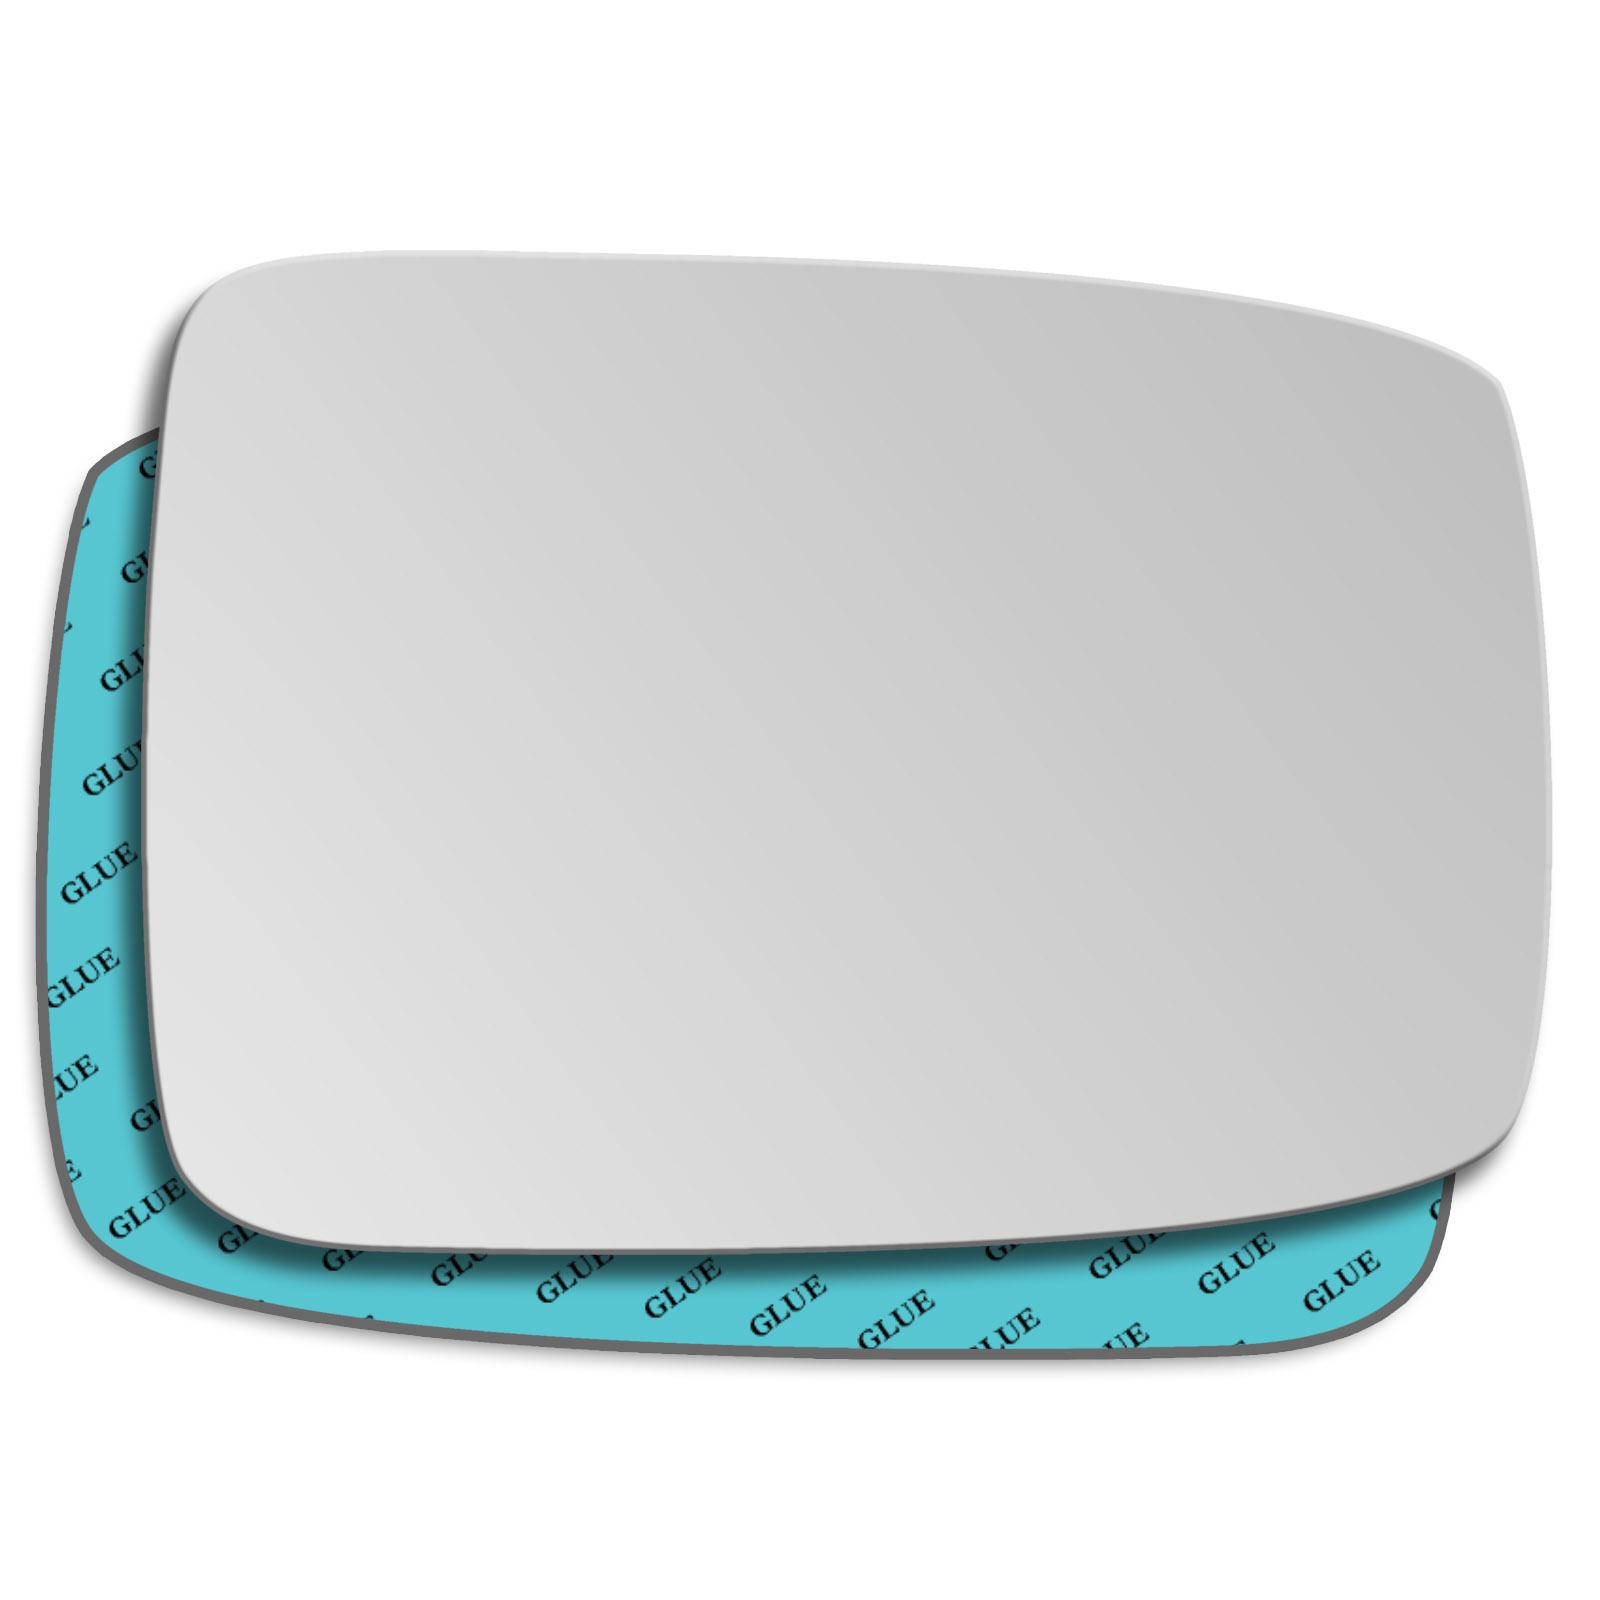 Rechts Asphärisch Beifahrerseite Spiegelglas für Dodge Ram 2009-2011